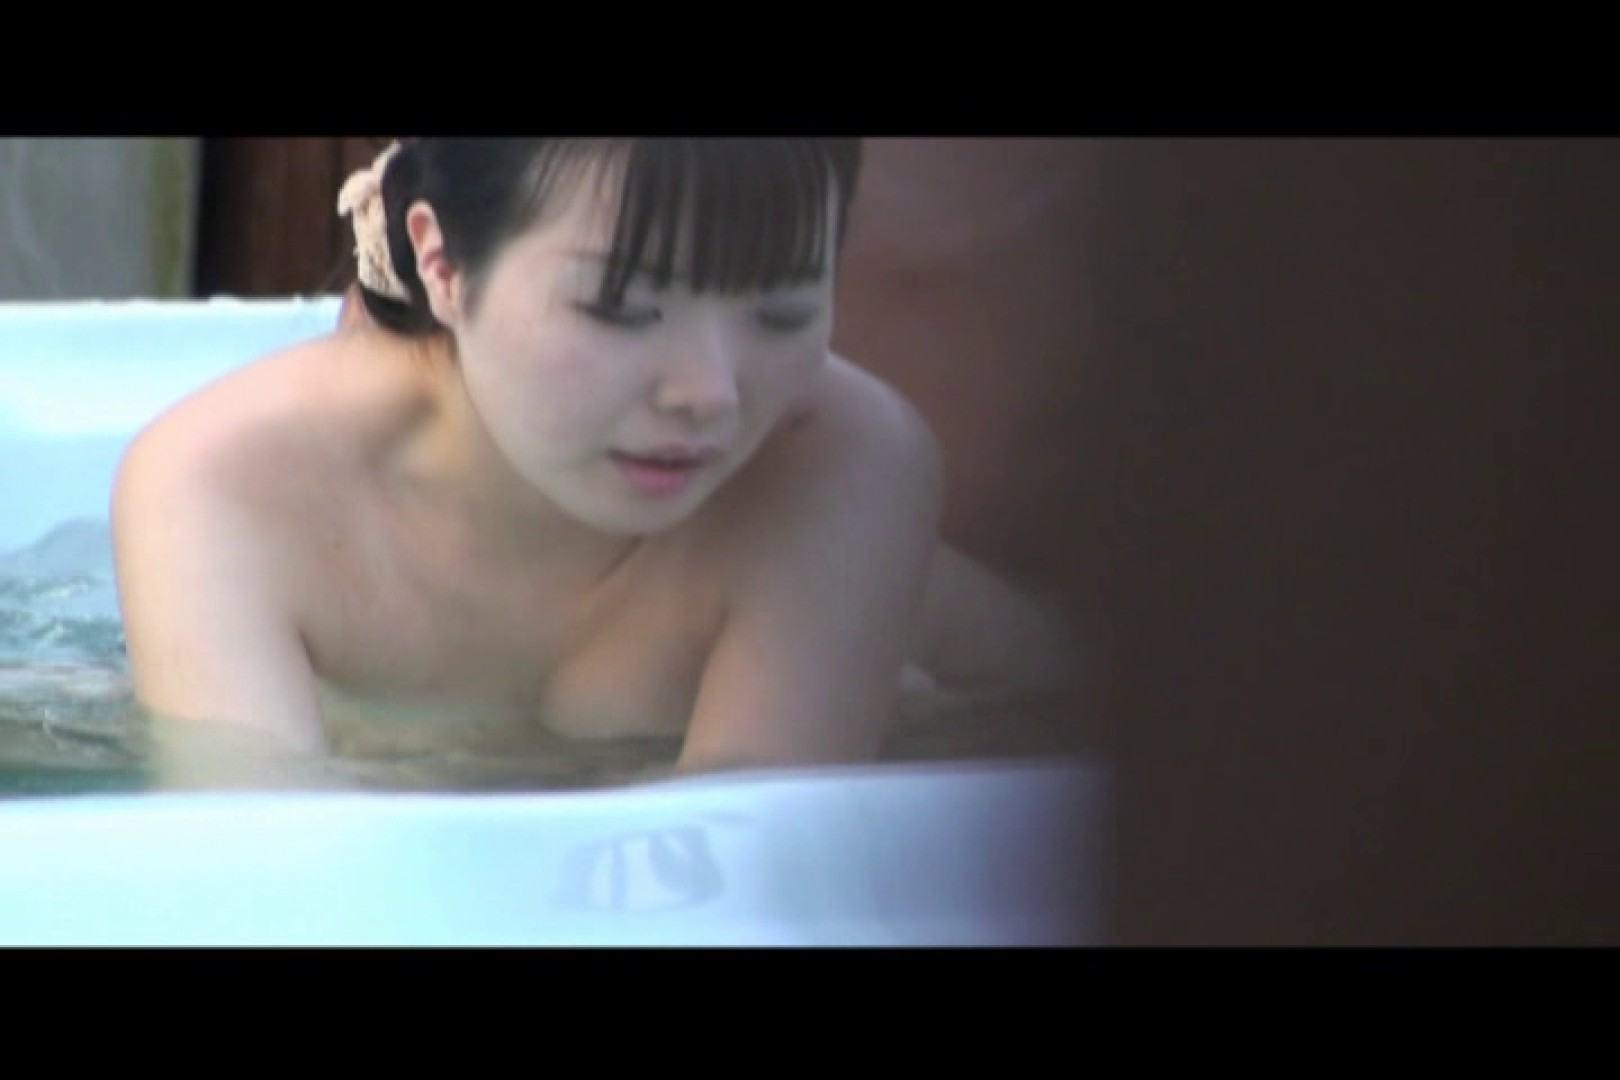 貸切露天 発情カップル! vol.09 カップル   露天風呂の女子達  43画像 41